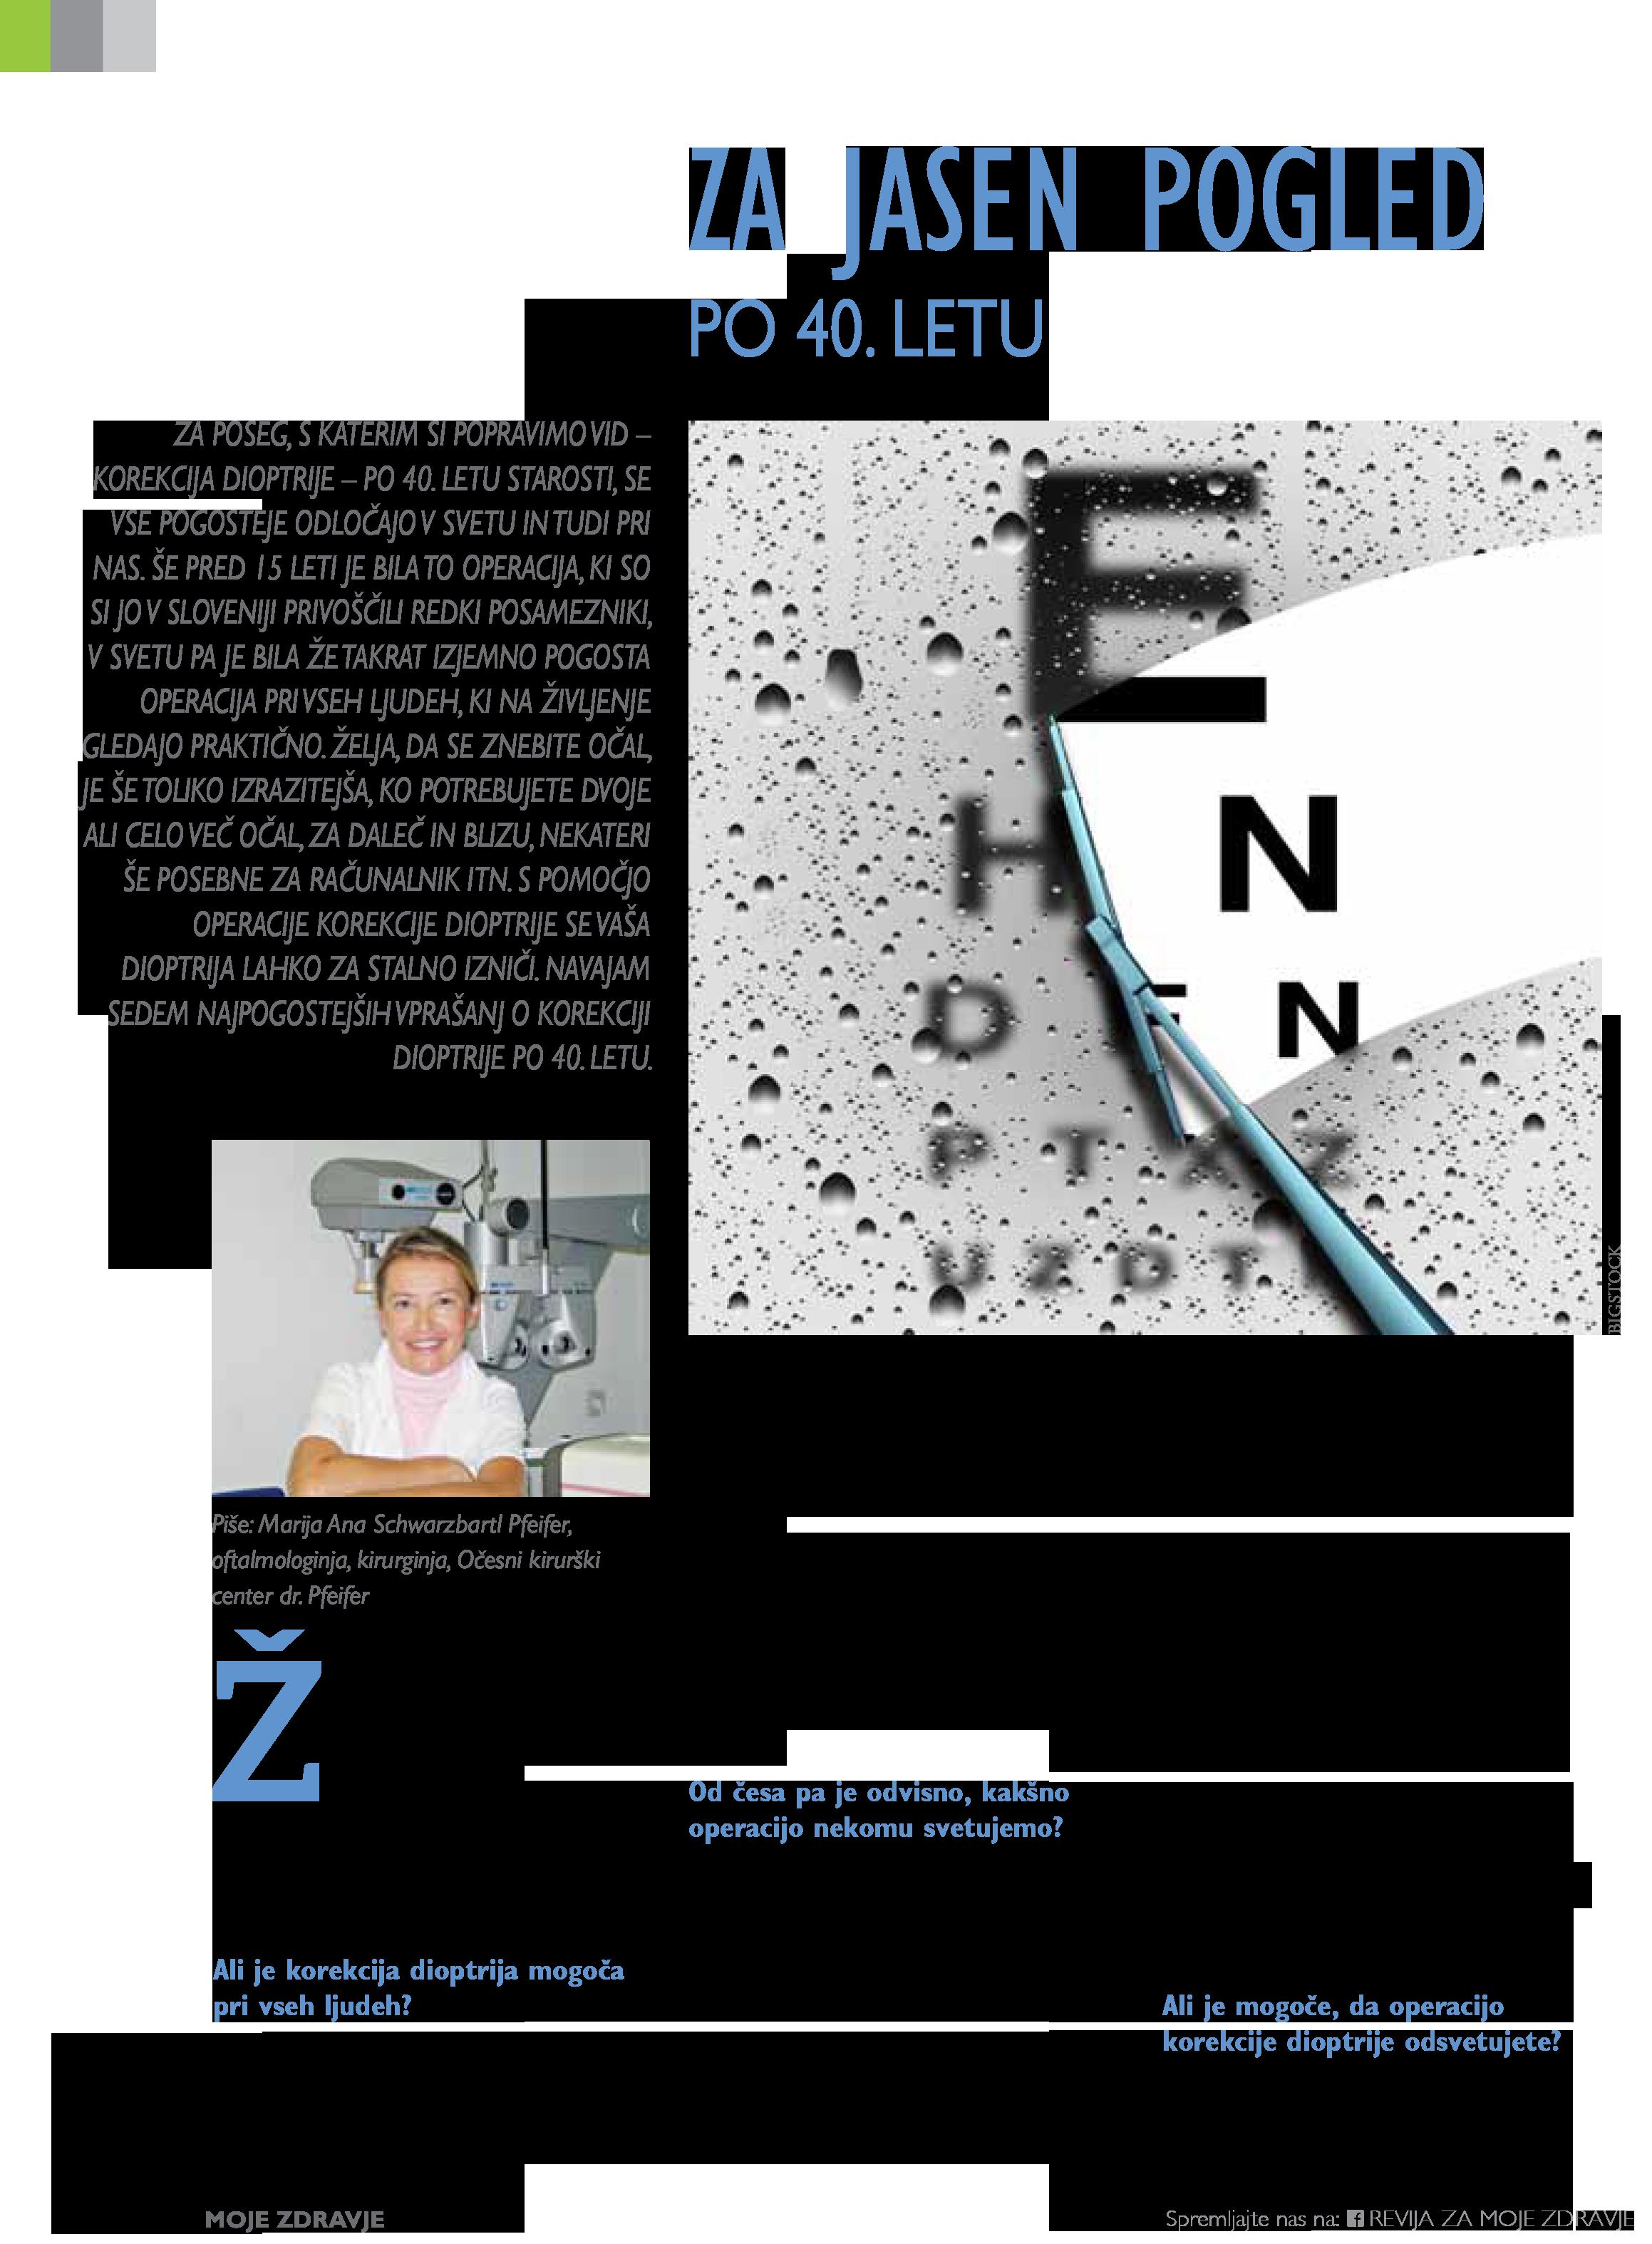 Revija Moje Zdravje - Za jasen pogled po 40.letu - marec 2019